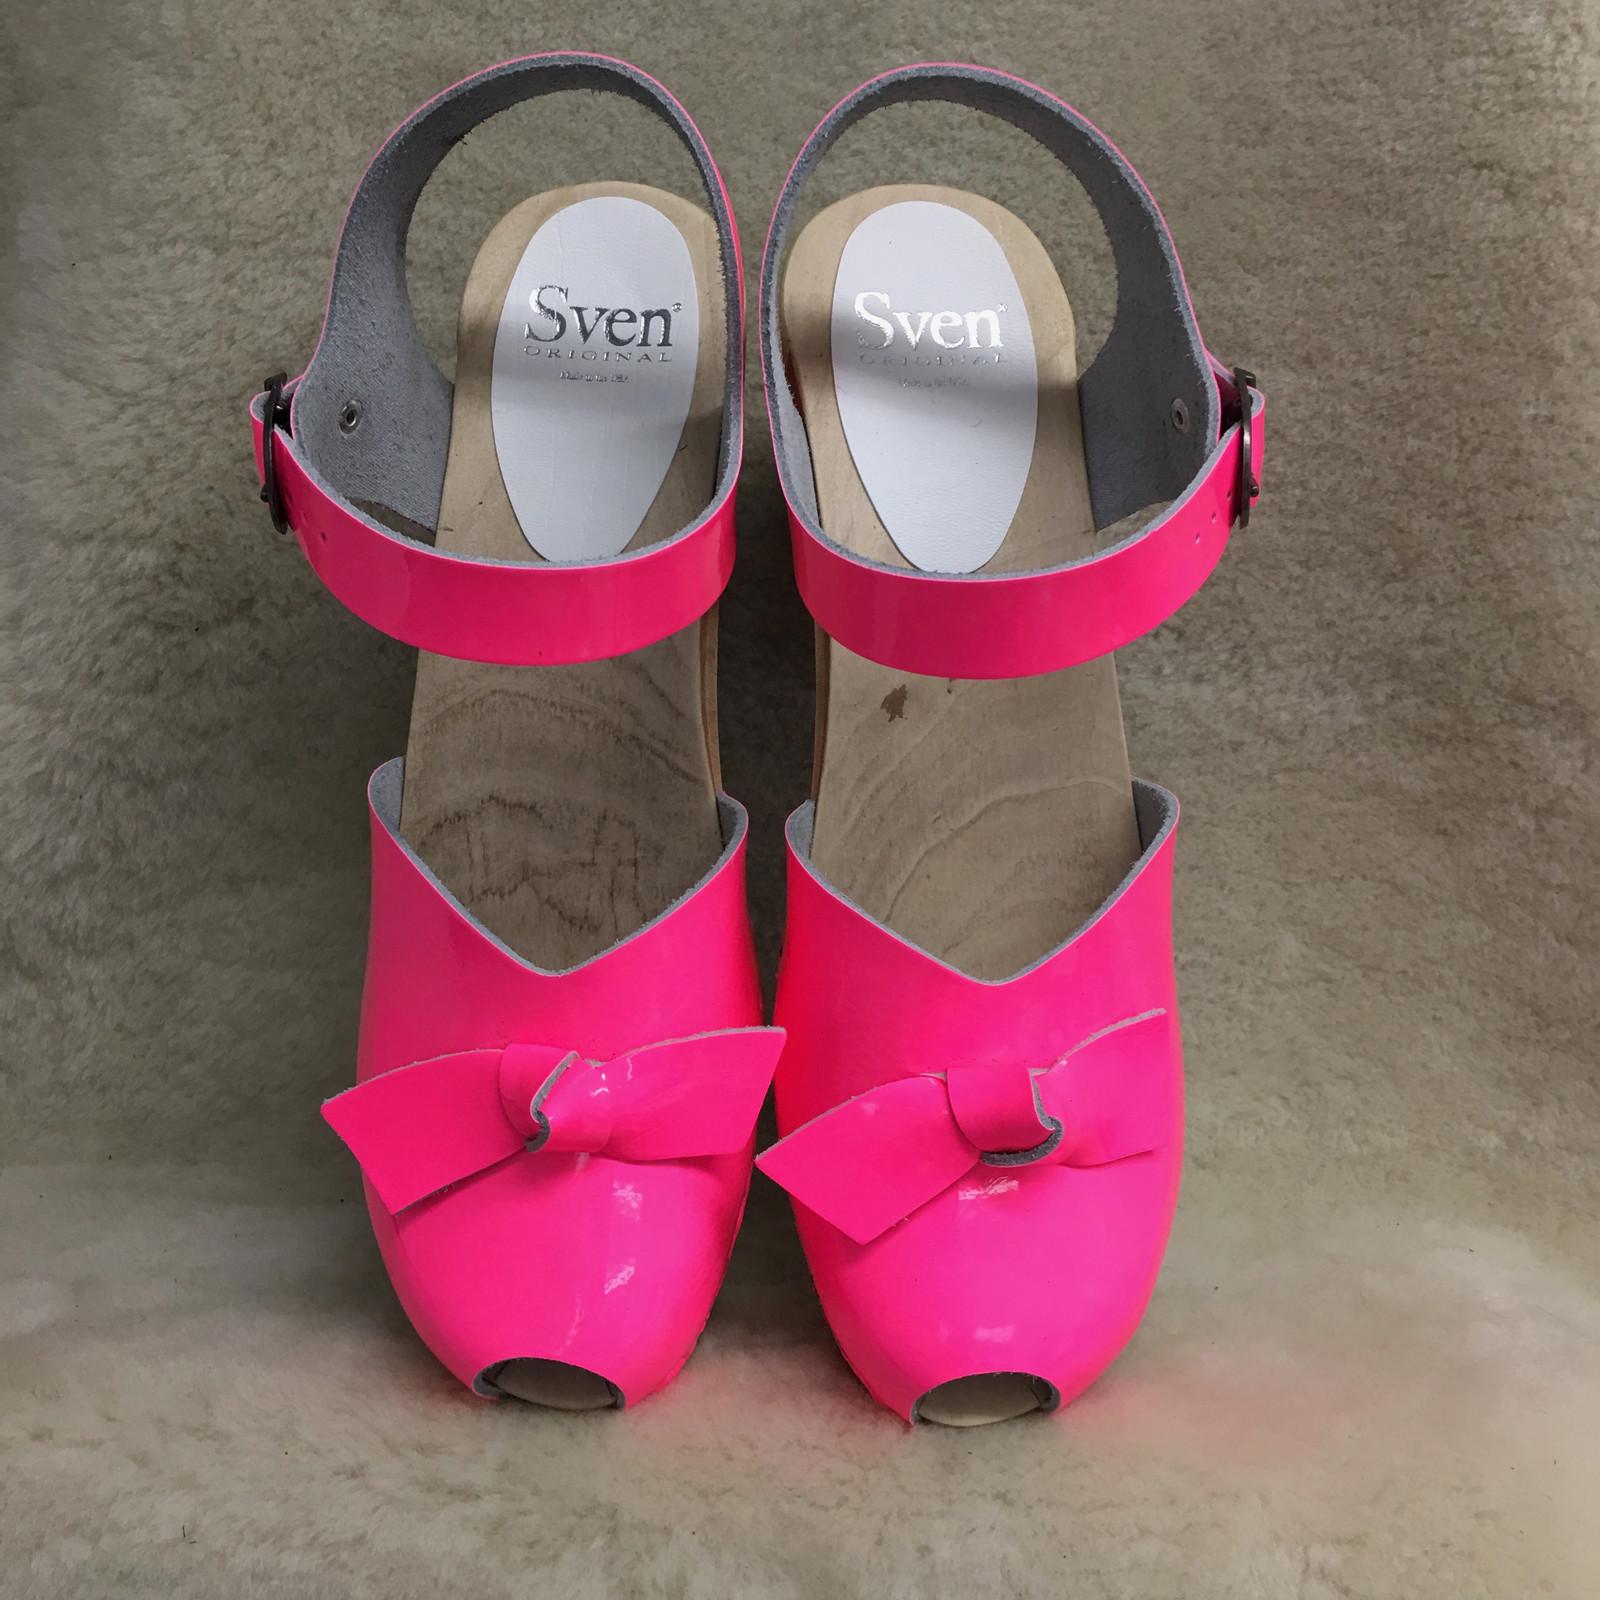 Bow Tie Clogs - Peep Toes - High Heels